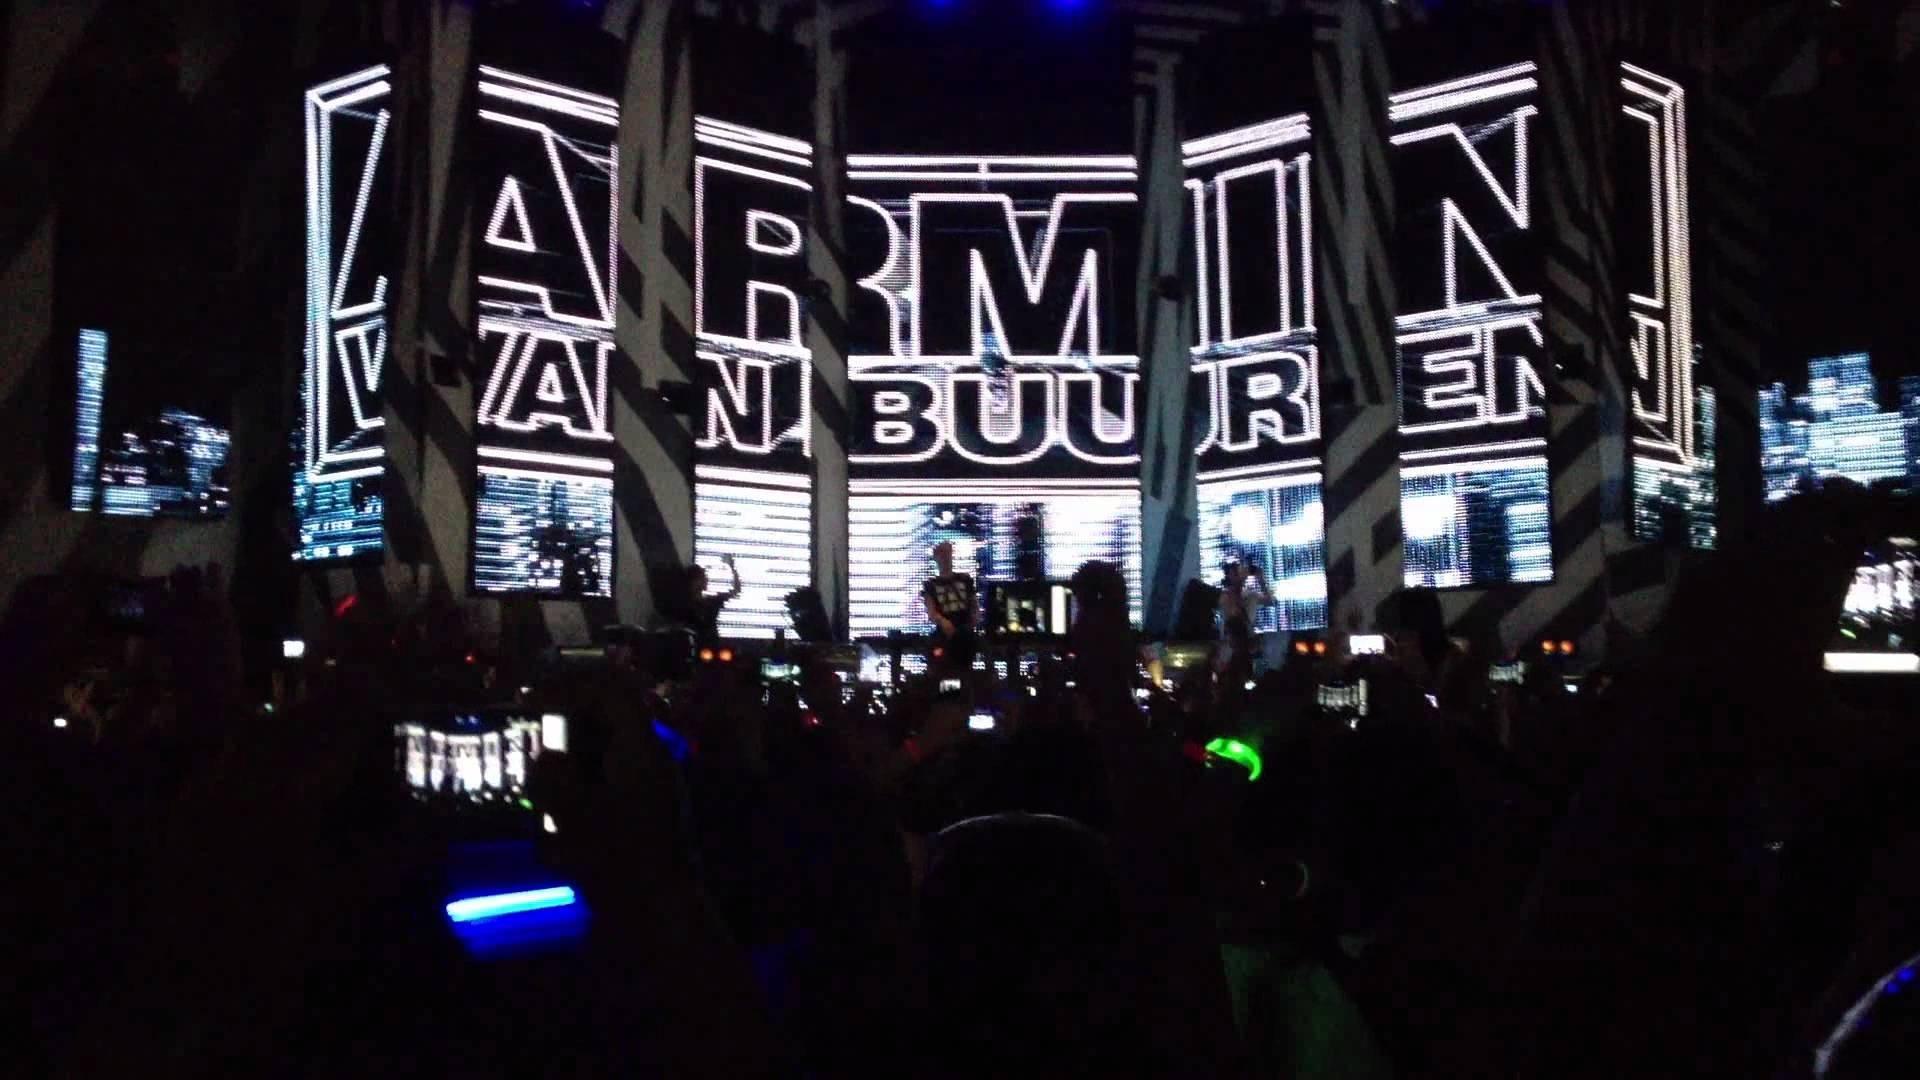 Res: 1920x1080, Armin Van Buuren Background Hd Elegant Armin Van Buuren Zoukout 2011  Singapore Recorded by Leo Tiger